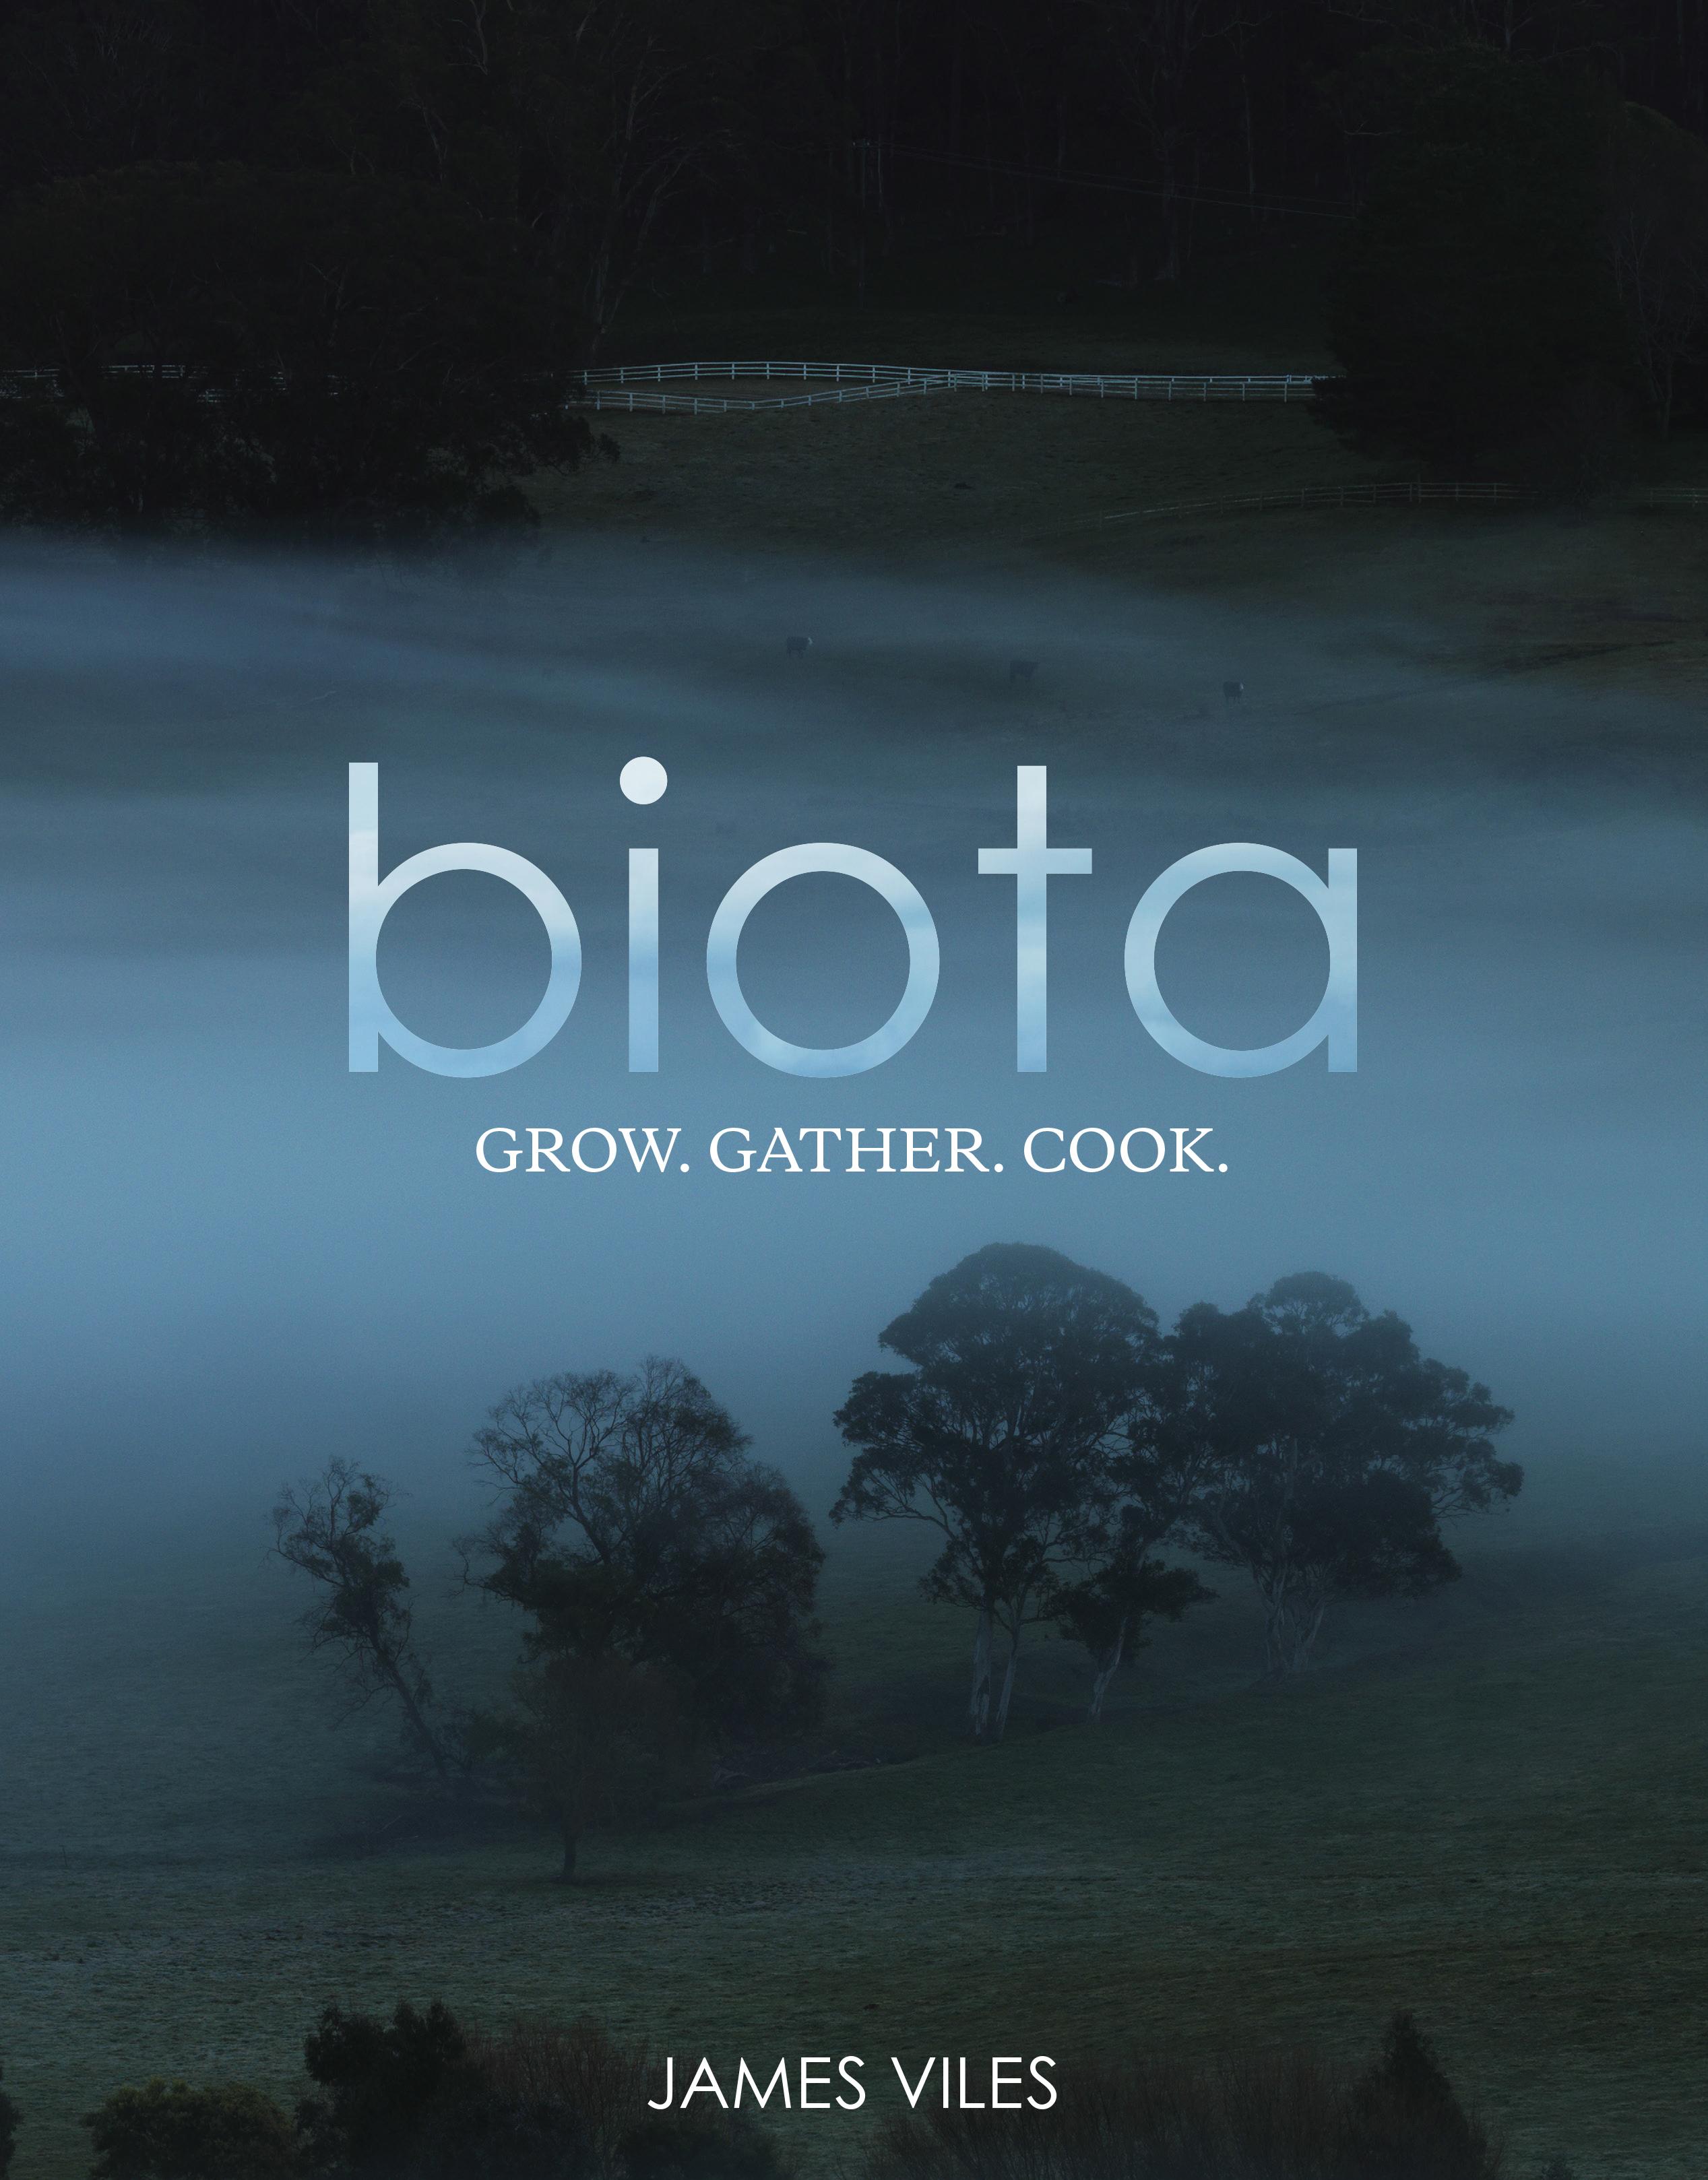 Biota - James Viles - 9781743365571 - Murdoch books